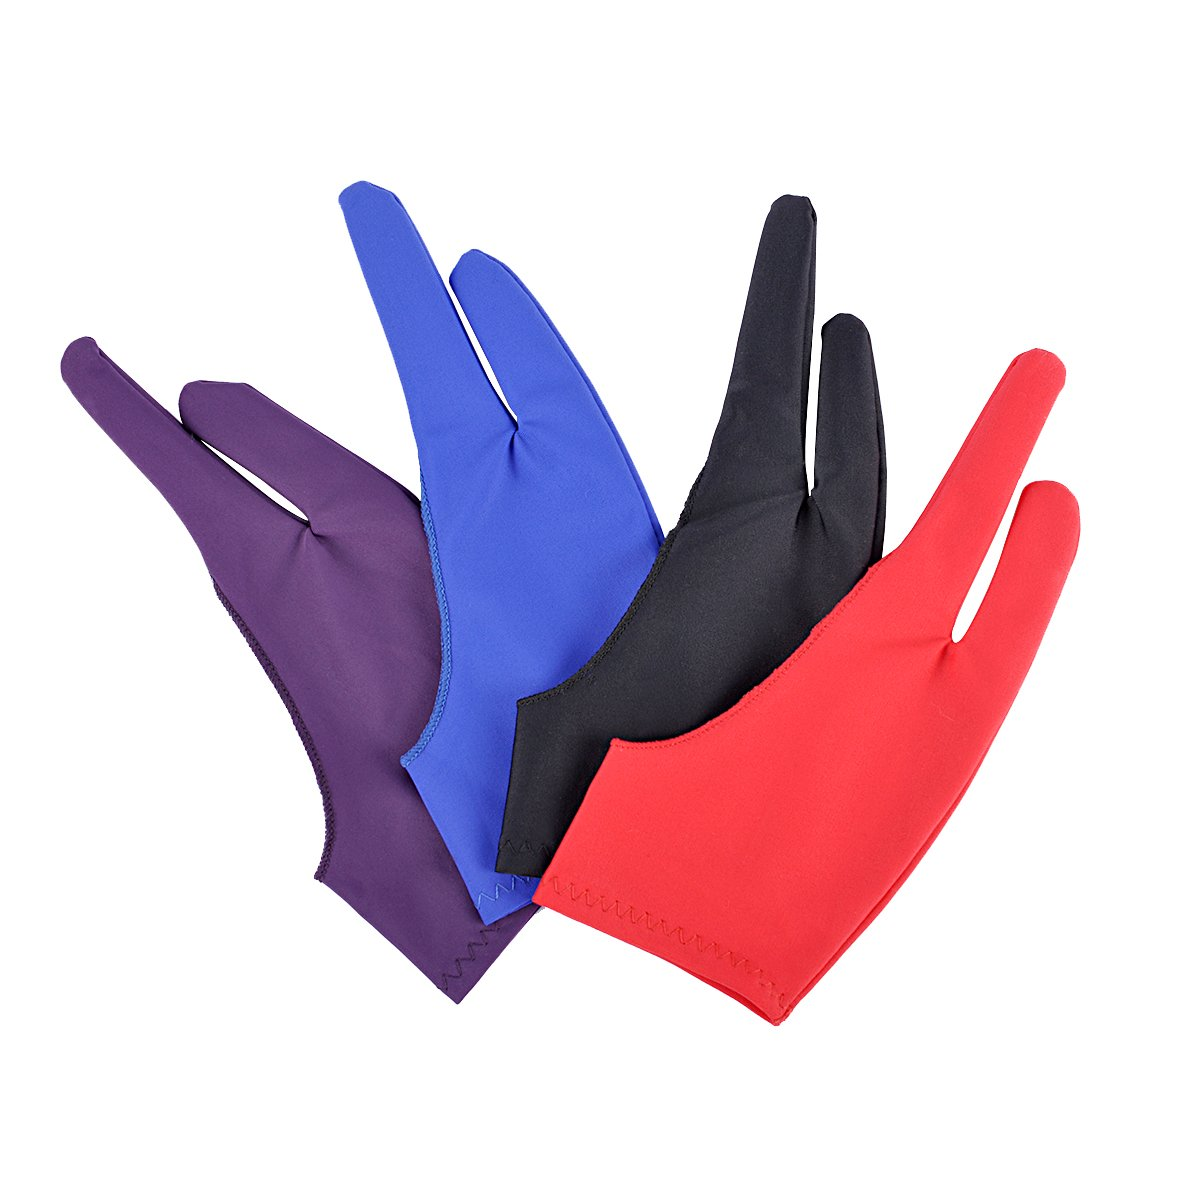 Handschuhe Artist Glove f/ür Graphic Tablet Art Creation Pen Display und iPad Pro Bleistift Blau, Rot, Schwarz, Lila ezakka Tablet Zeichnen Handschuh